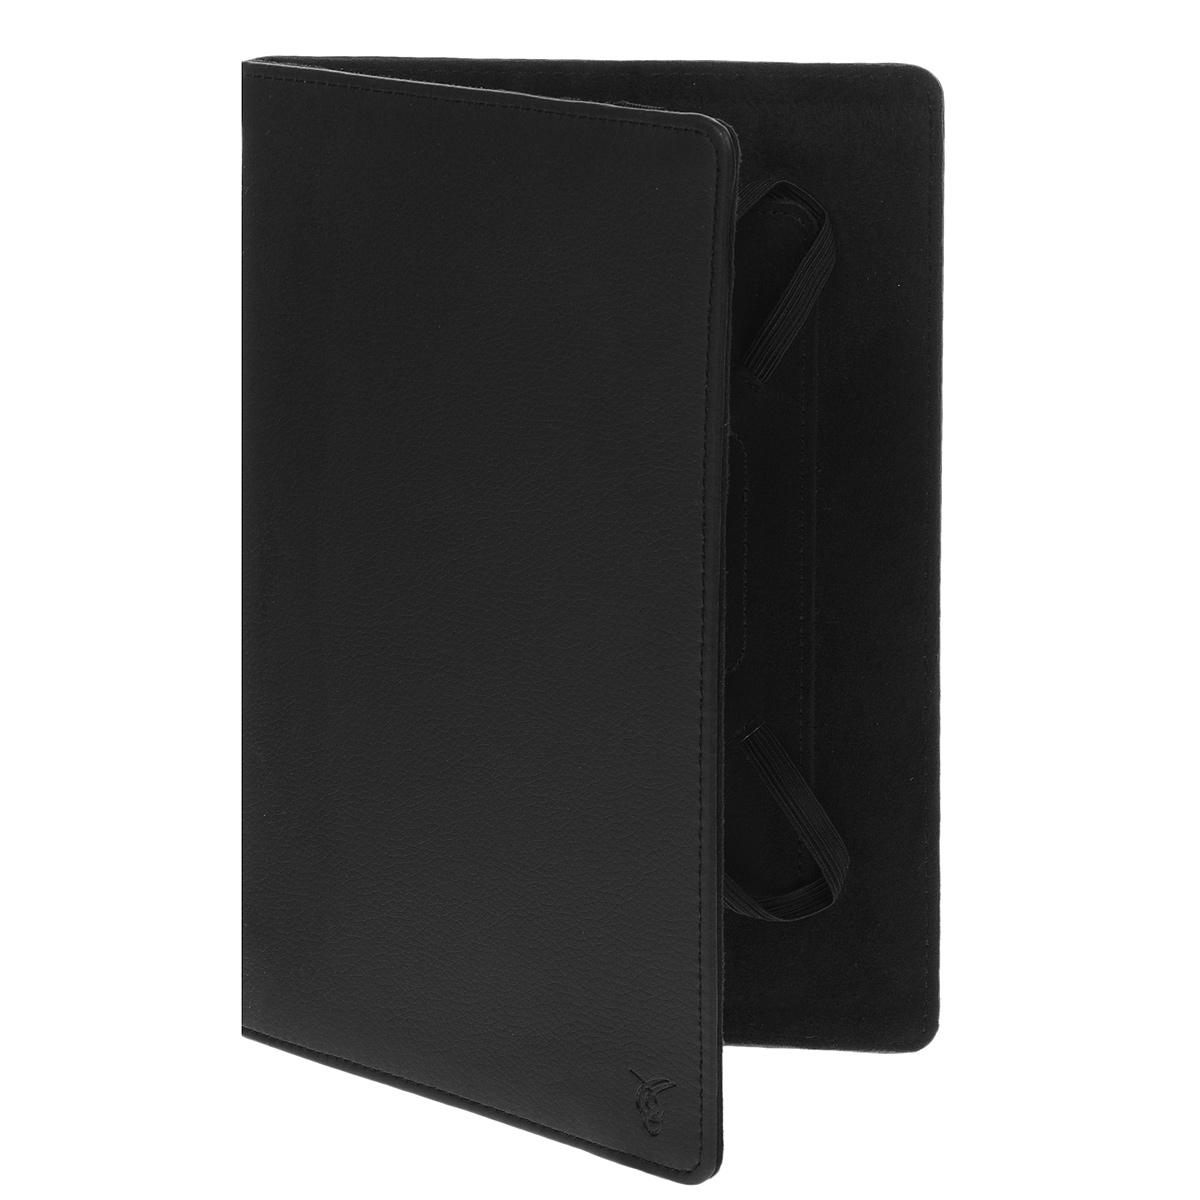 Vivacase Classic чехол для планшетов 10, Black (VUC-CCL10-bl) vivacase birch универсальный чехол обложка для планшетов 7 coffee milk vuc cbr07p cm